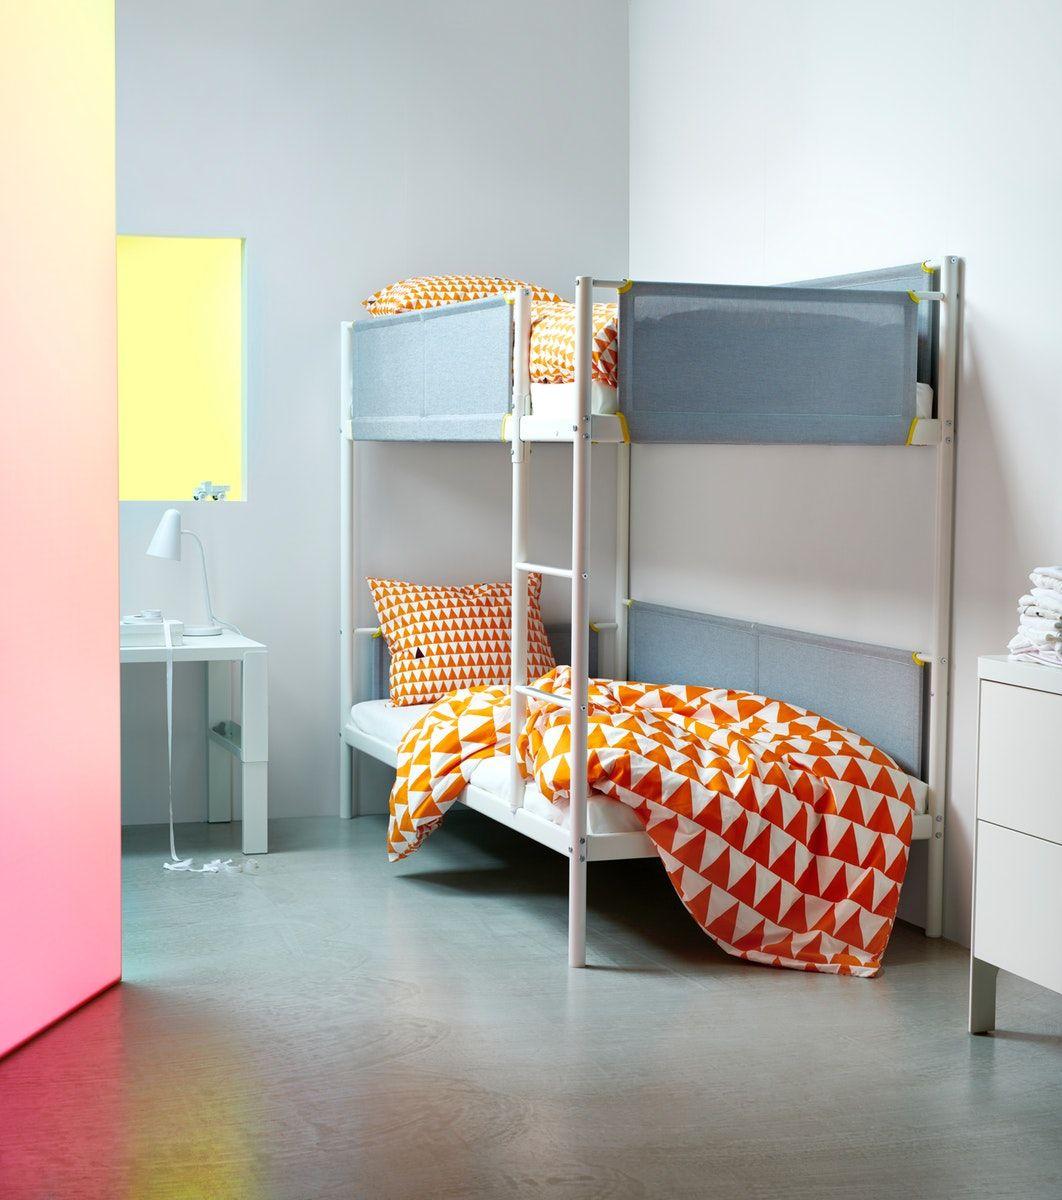 Ikea kura bed in girls bedroom … Pinteres…